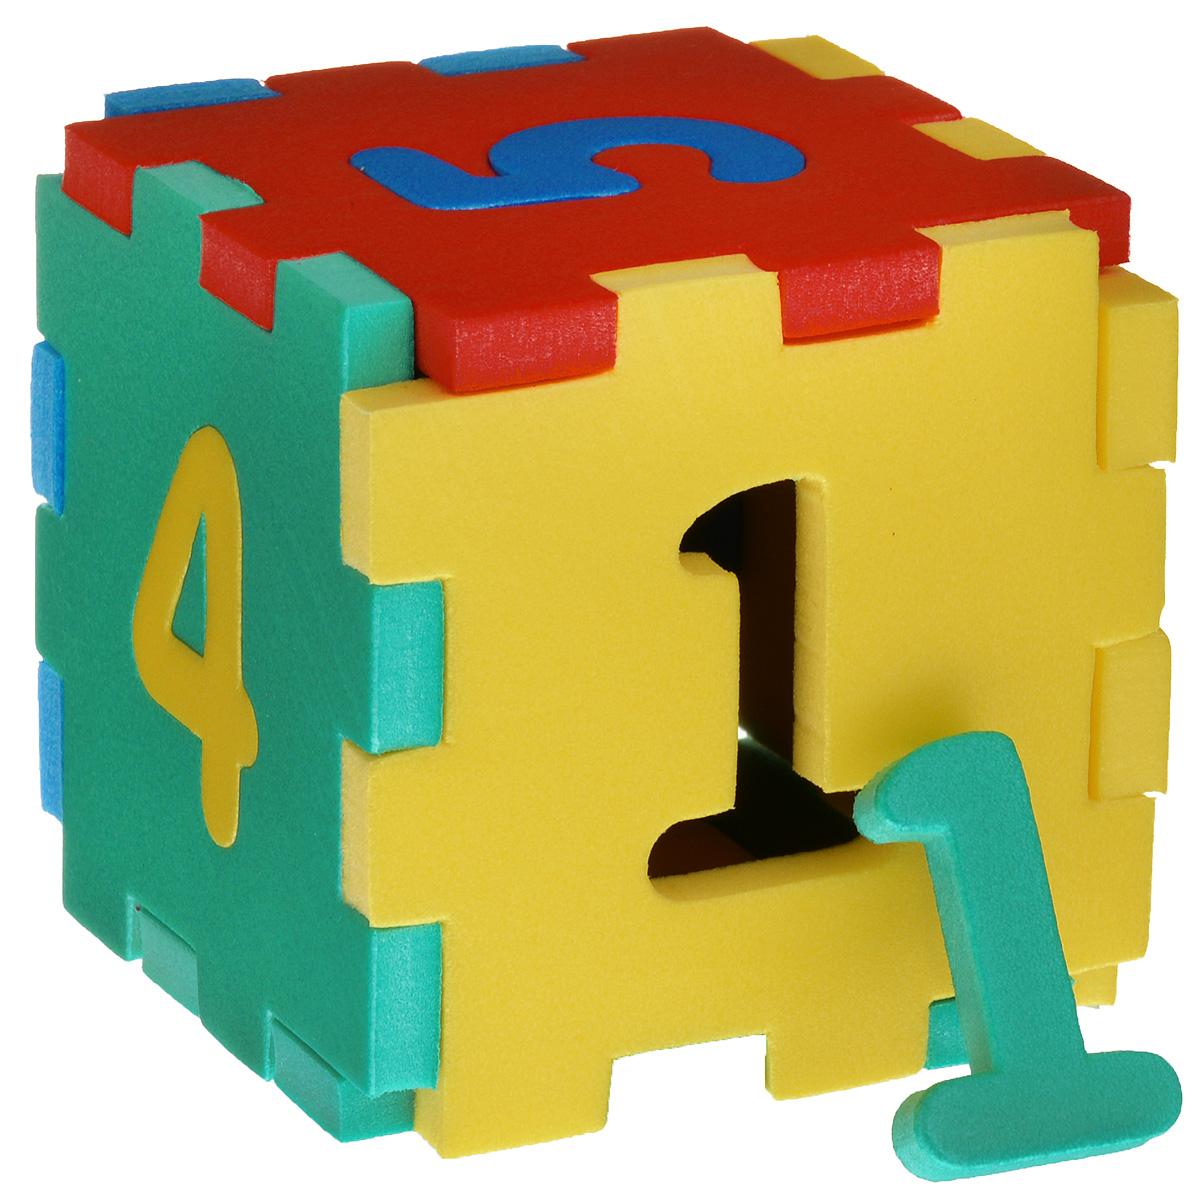 Флексика Мягкий конструктор Кубик с цифрами45402Мозаики и конструкторы настолько универсальны и практичны, что с ними можно играть практически везде. Для производства игрушек используется современный, легкий, эластичный, прочный материал, который обеспечивает большую долговечность игрушек, и главное –является абсолютно безопасным для детей. К тому же, благодаря особой структуре материала и свойству прилипать к мокрой поверхности, мягкие конструкторы и мозаики являются идеальной игрушкой для ванны. Способствует развитию у ребенка мелкой моторики, образного и логического мышления, наблюдательности. Производственная фирма `Тедико` зарекомендовала себя на рынке отечественных товаров как производитель высококачественных конструкторов и мозаик серии `Флексика`. Богатый ассортимент включает в себя игрушки для малышей и детей старшего возраста.